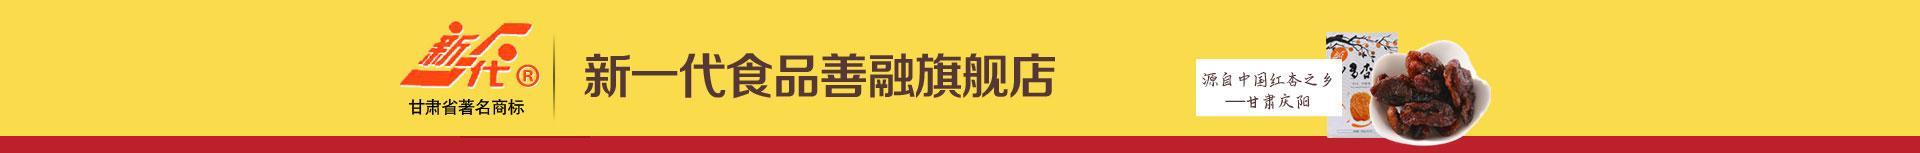 甘肃新一代食品有限公司